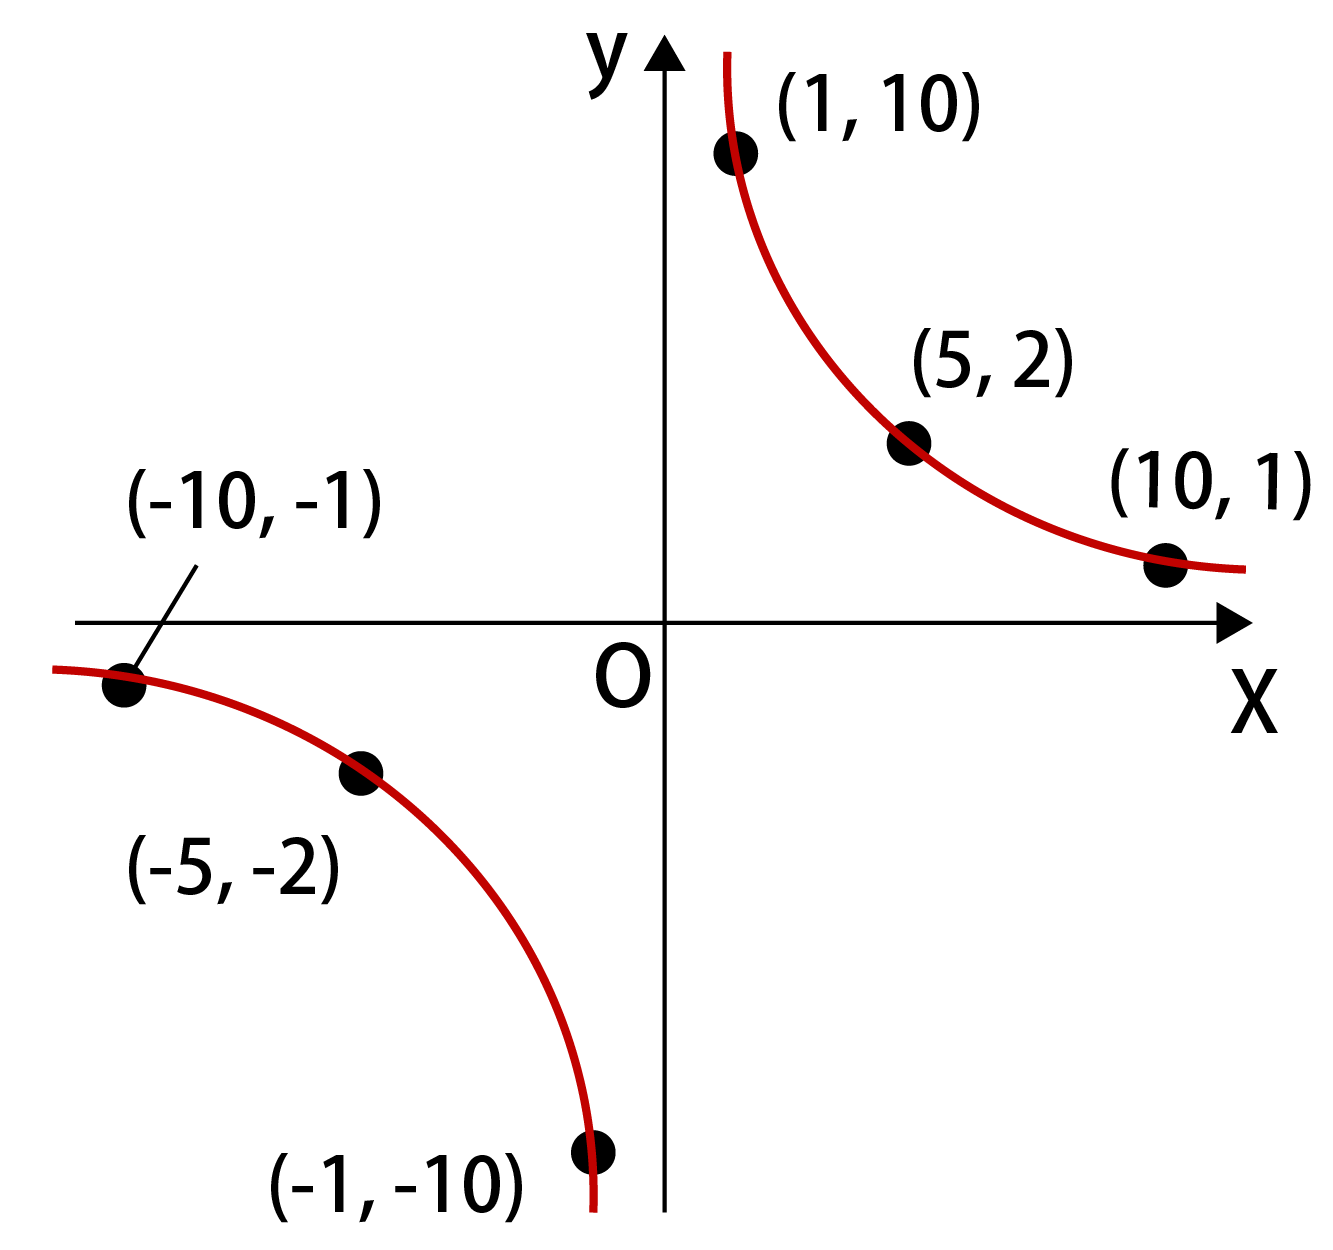 なめらかな曲線を描いた場合